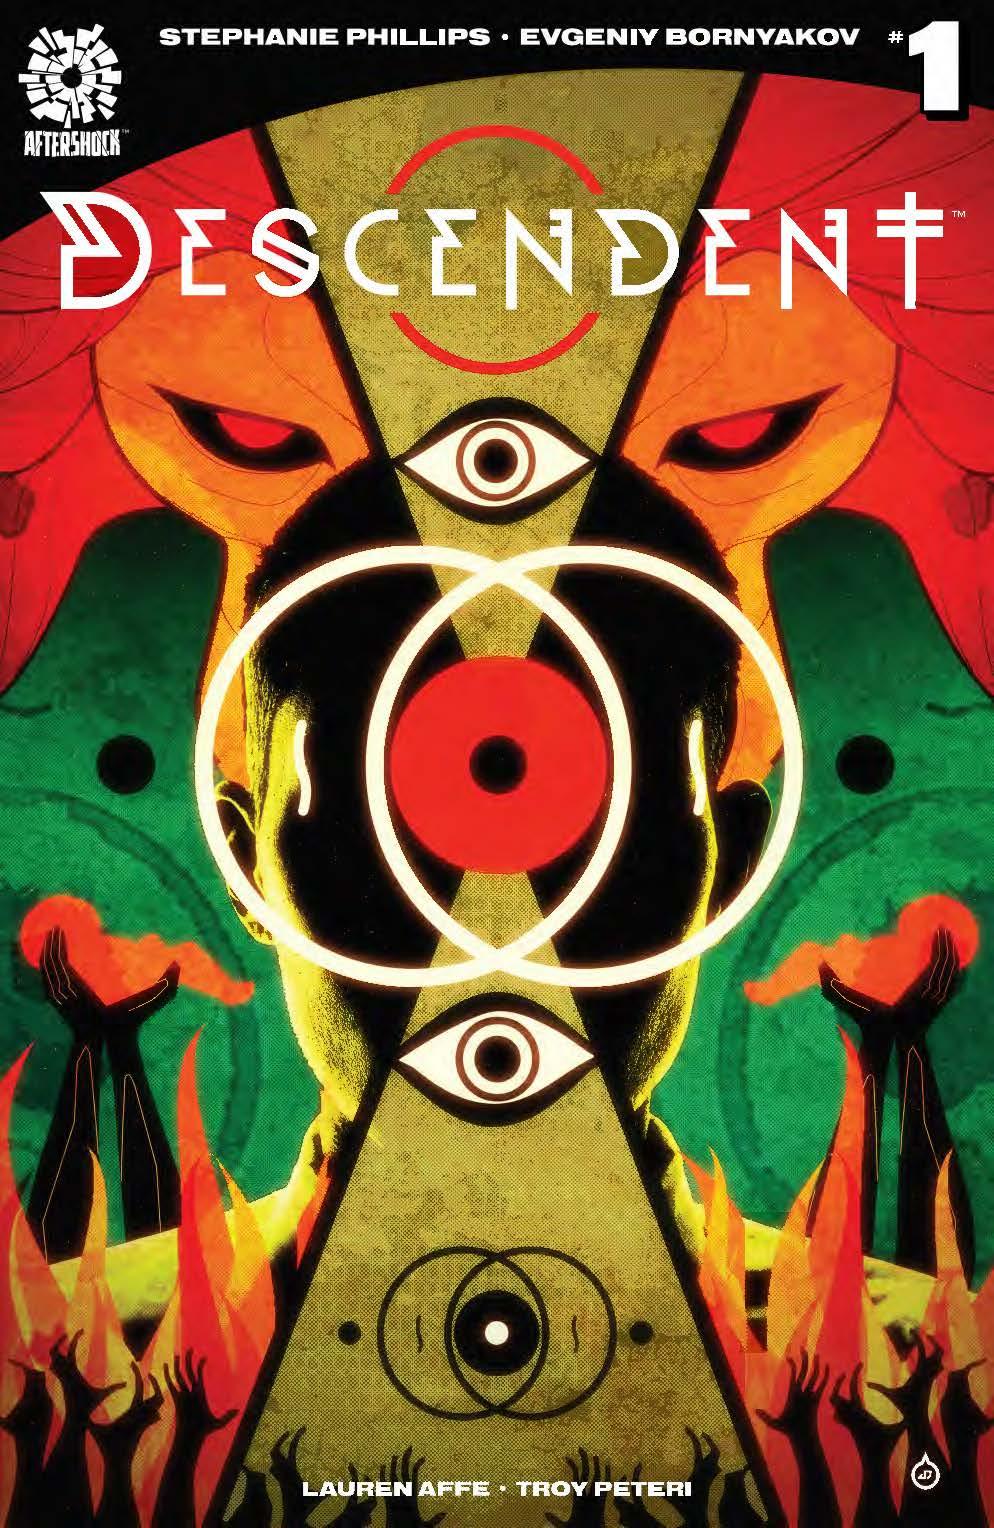 Descendent_01a_450dpi